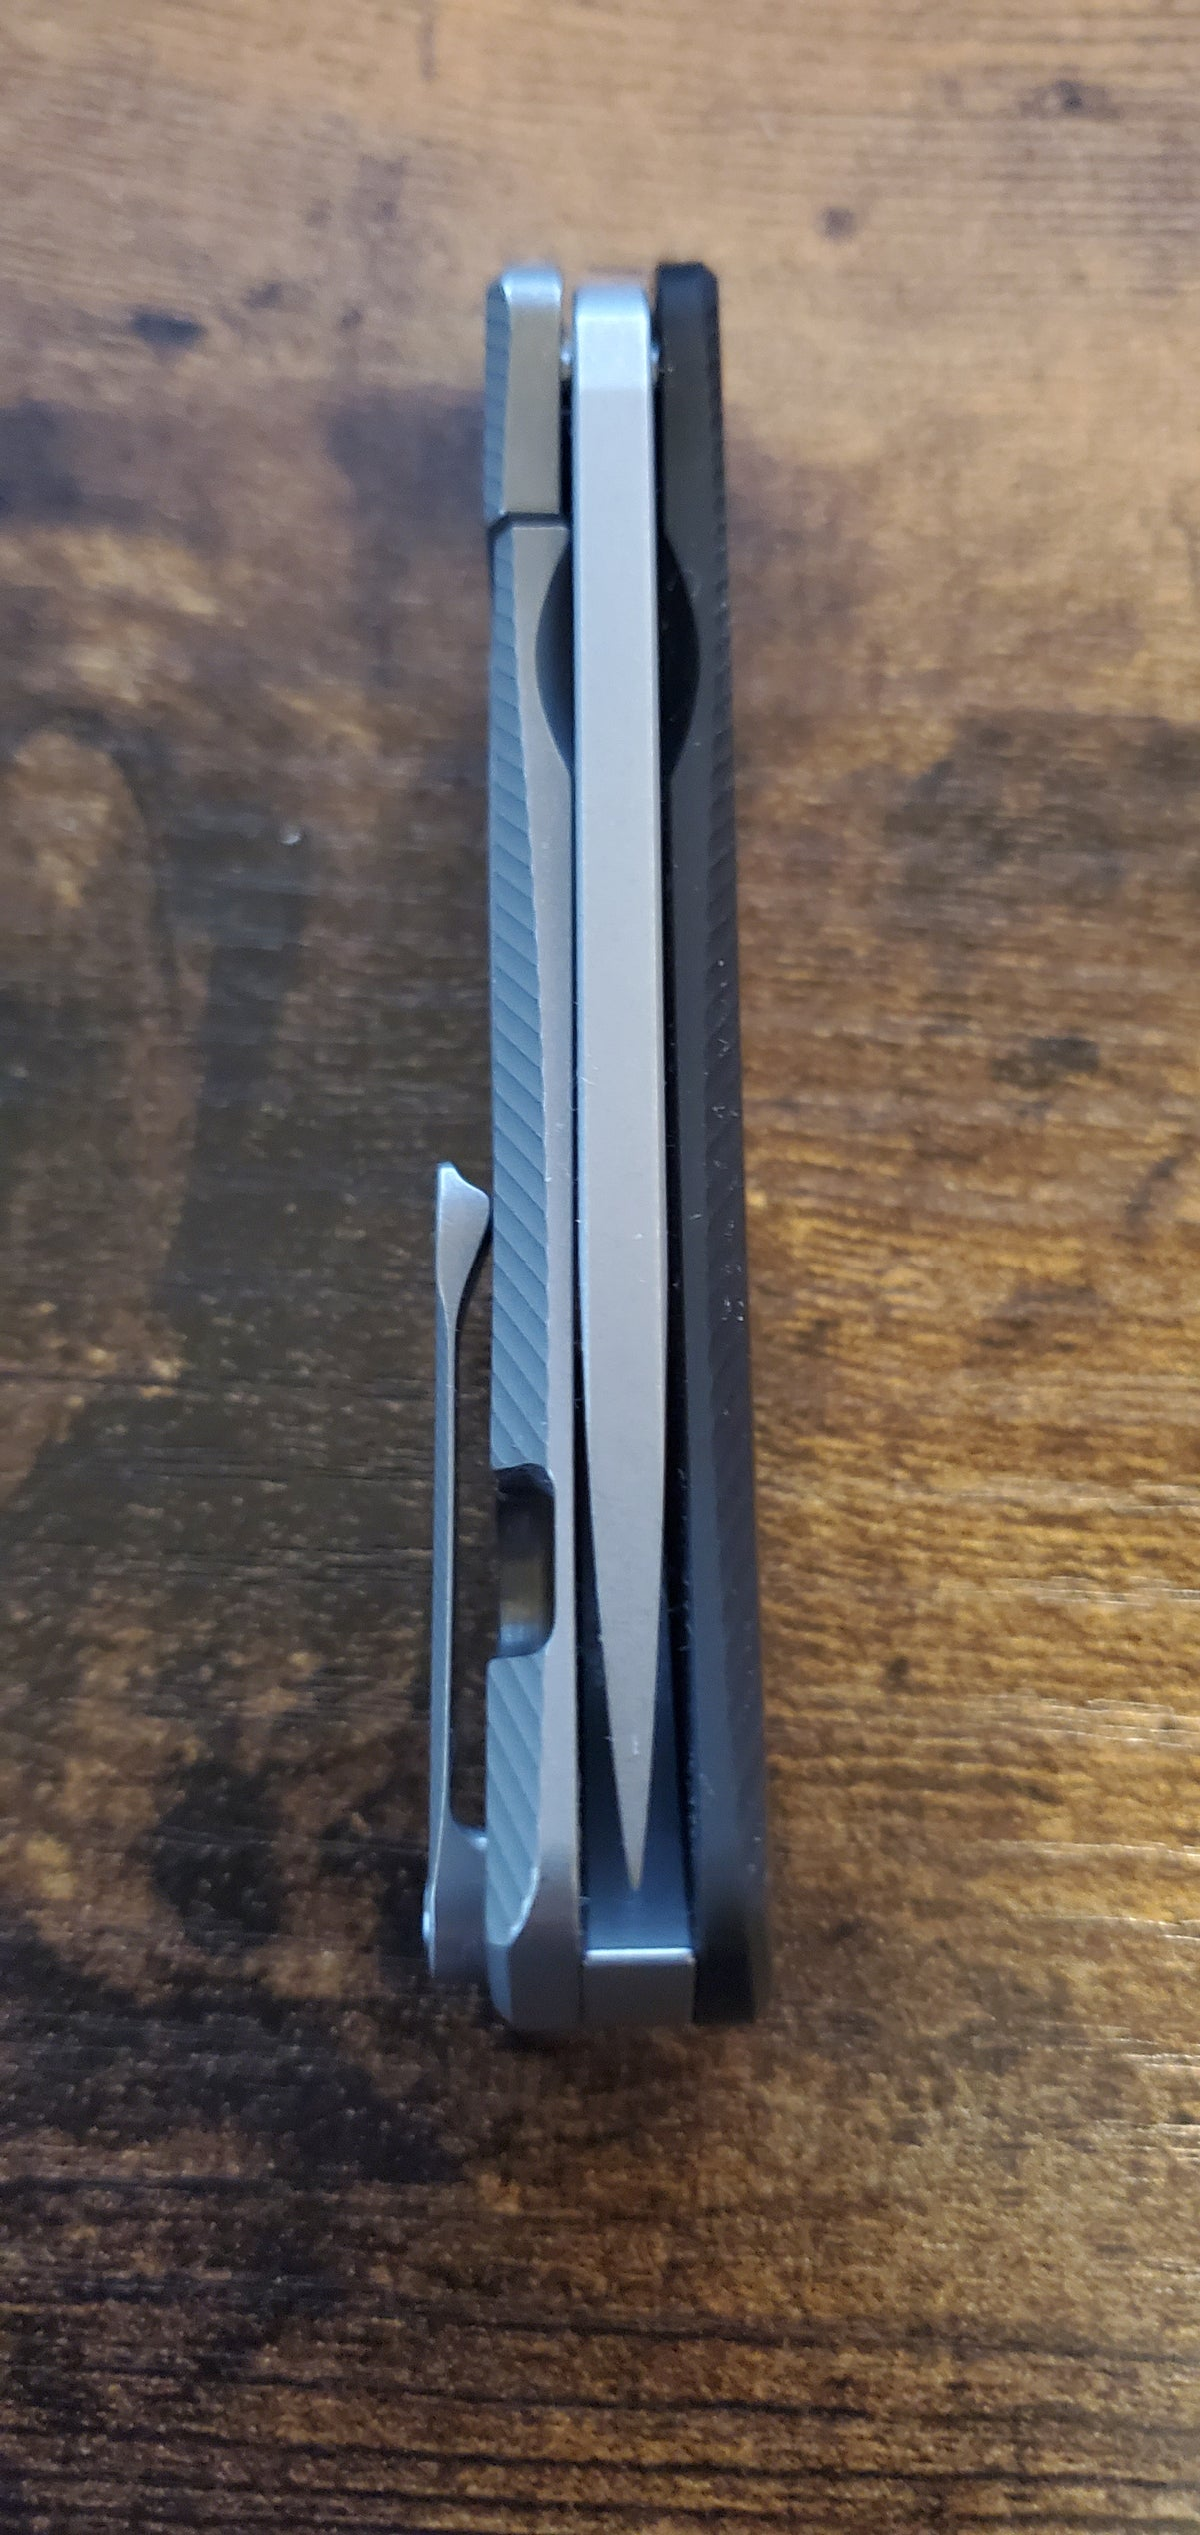 Image of TwoSun-Tepe TS128 Dynamo